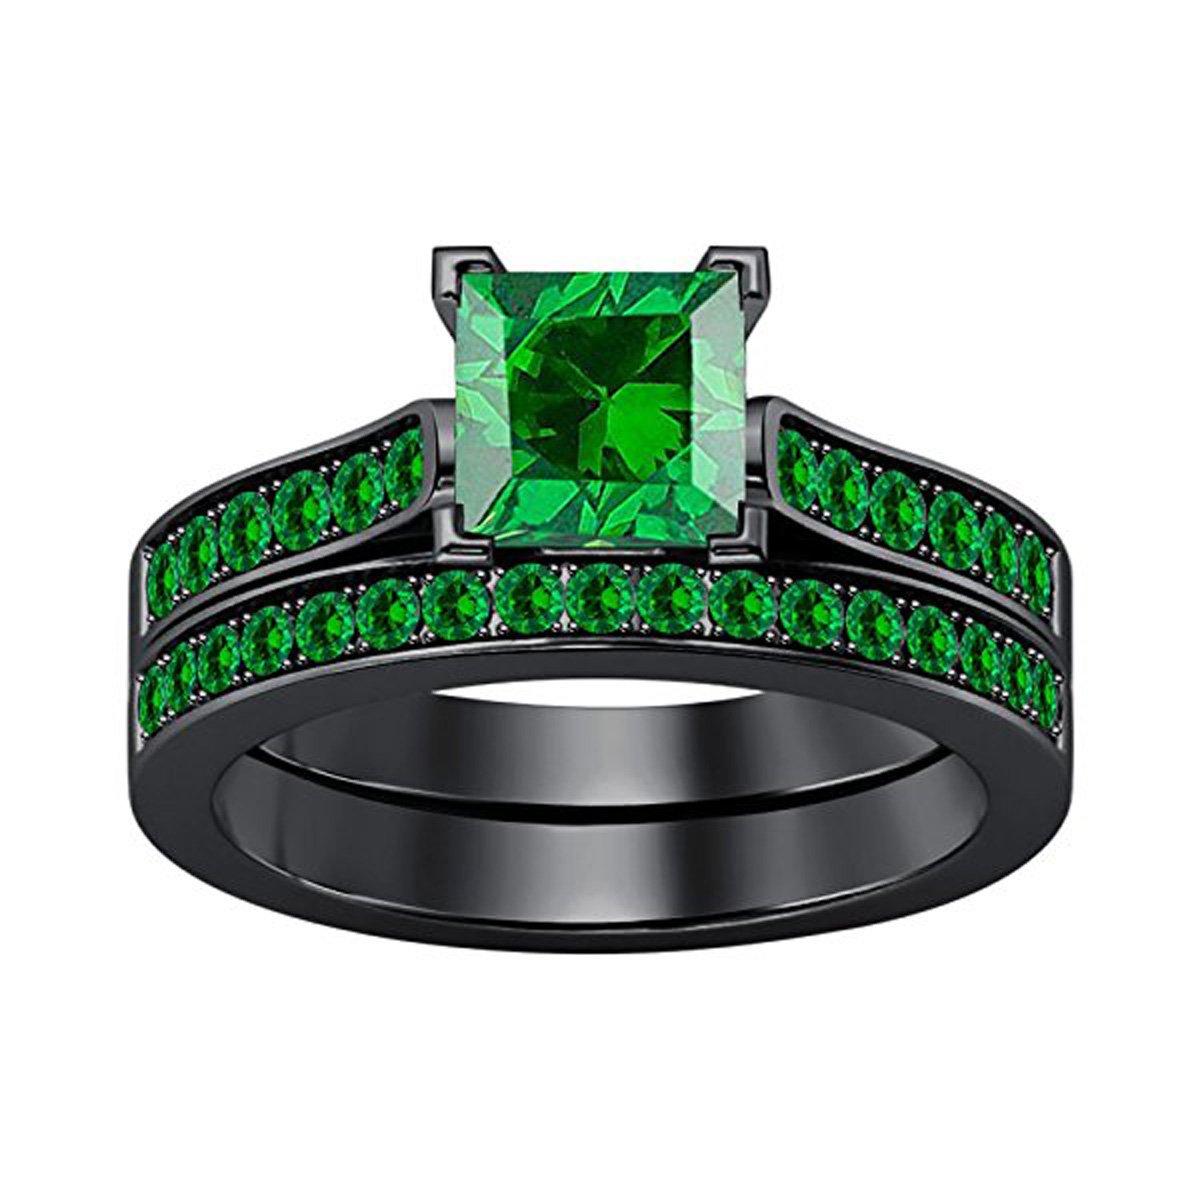 2.75 Ct Princess Cut Green Emerald Wedding Band Engagement Bridal Ring Set 14K Black Gold Plated